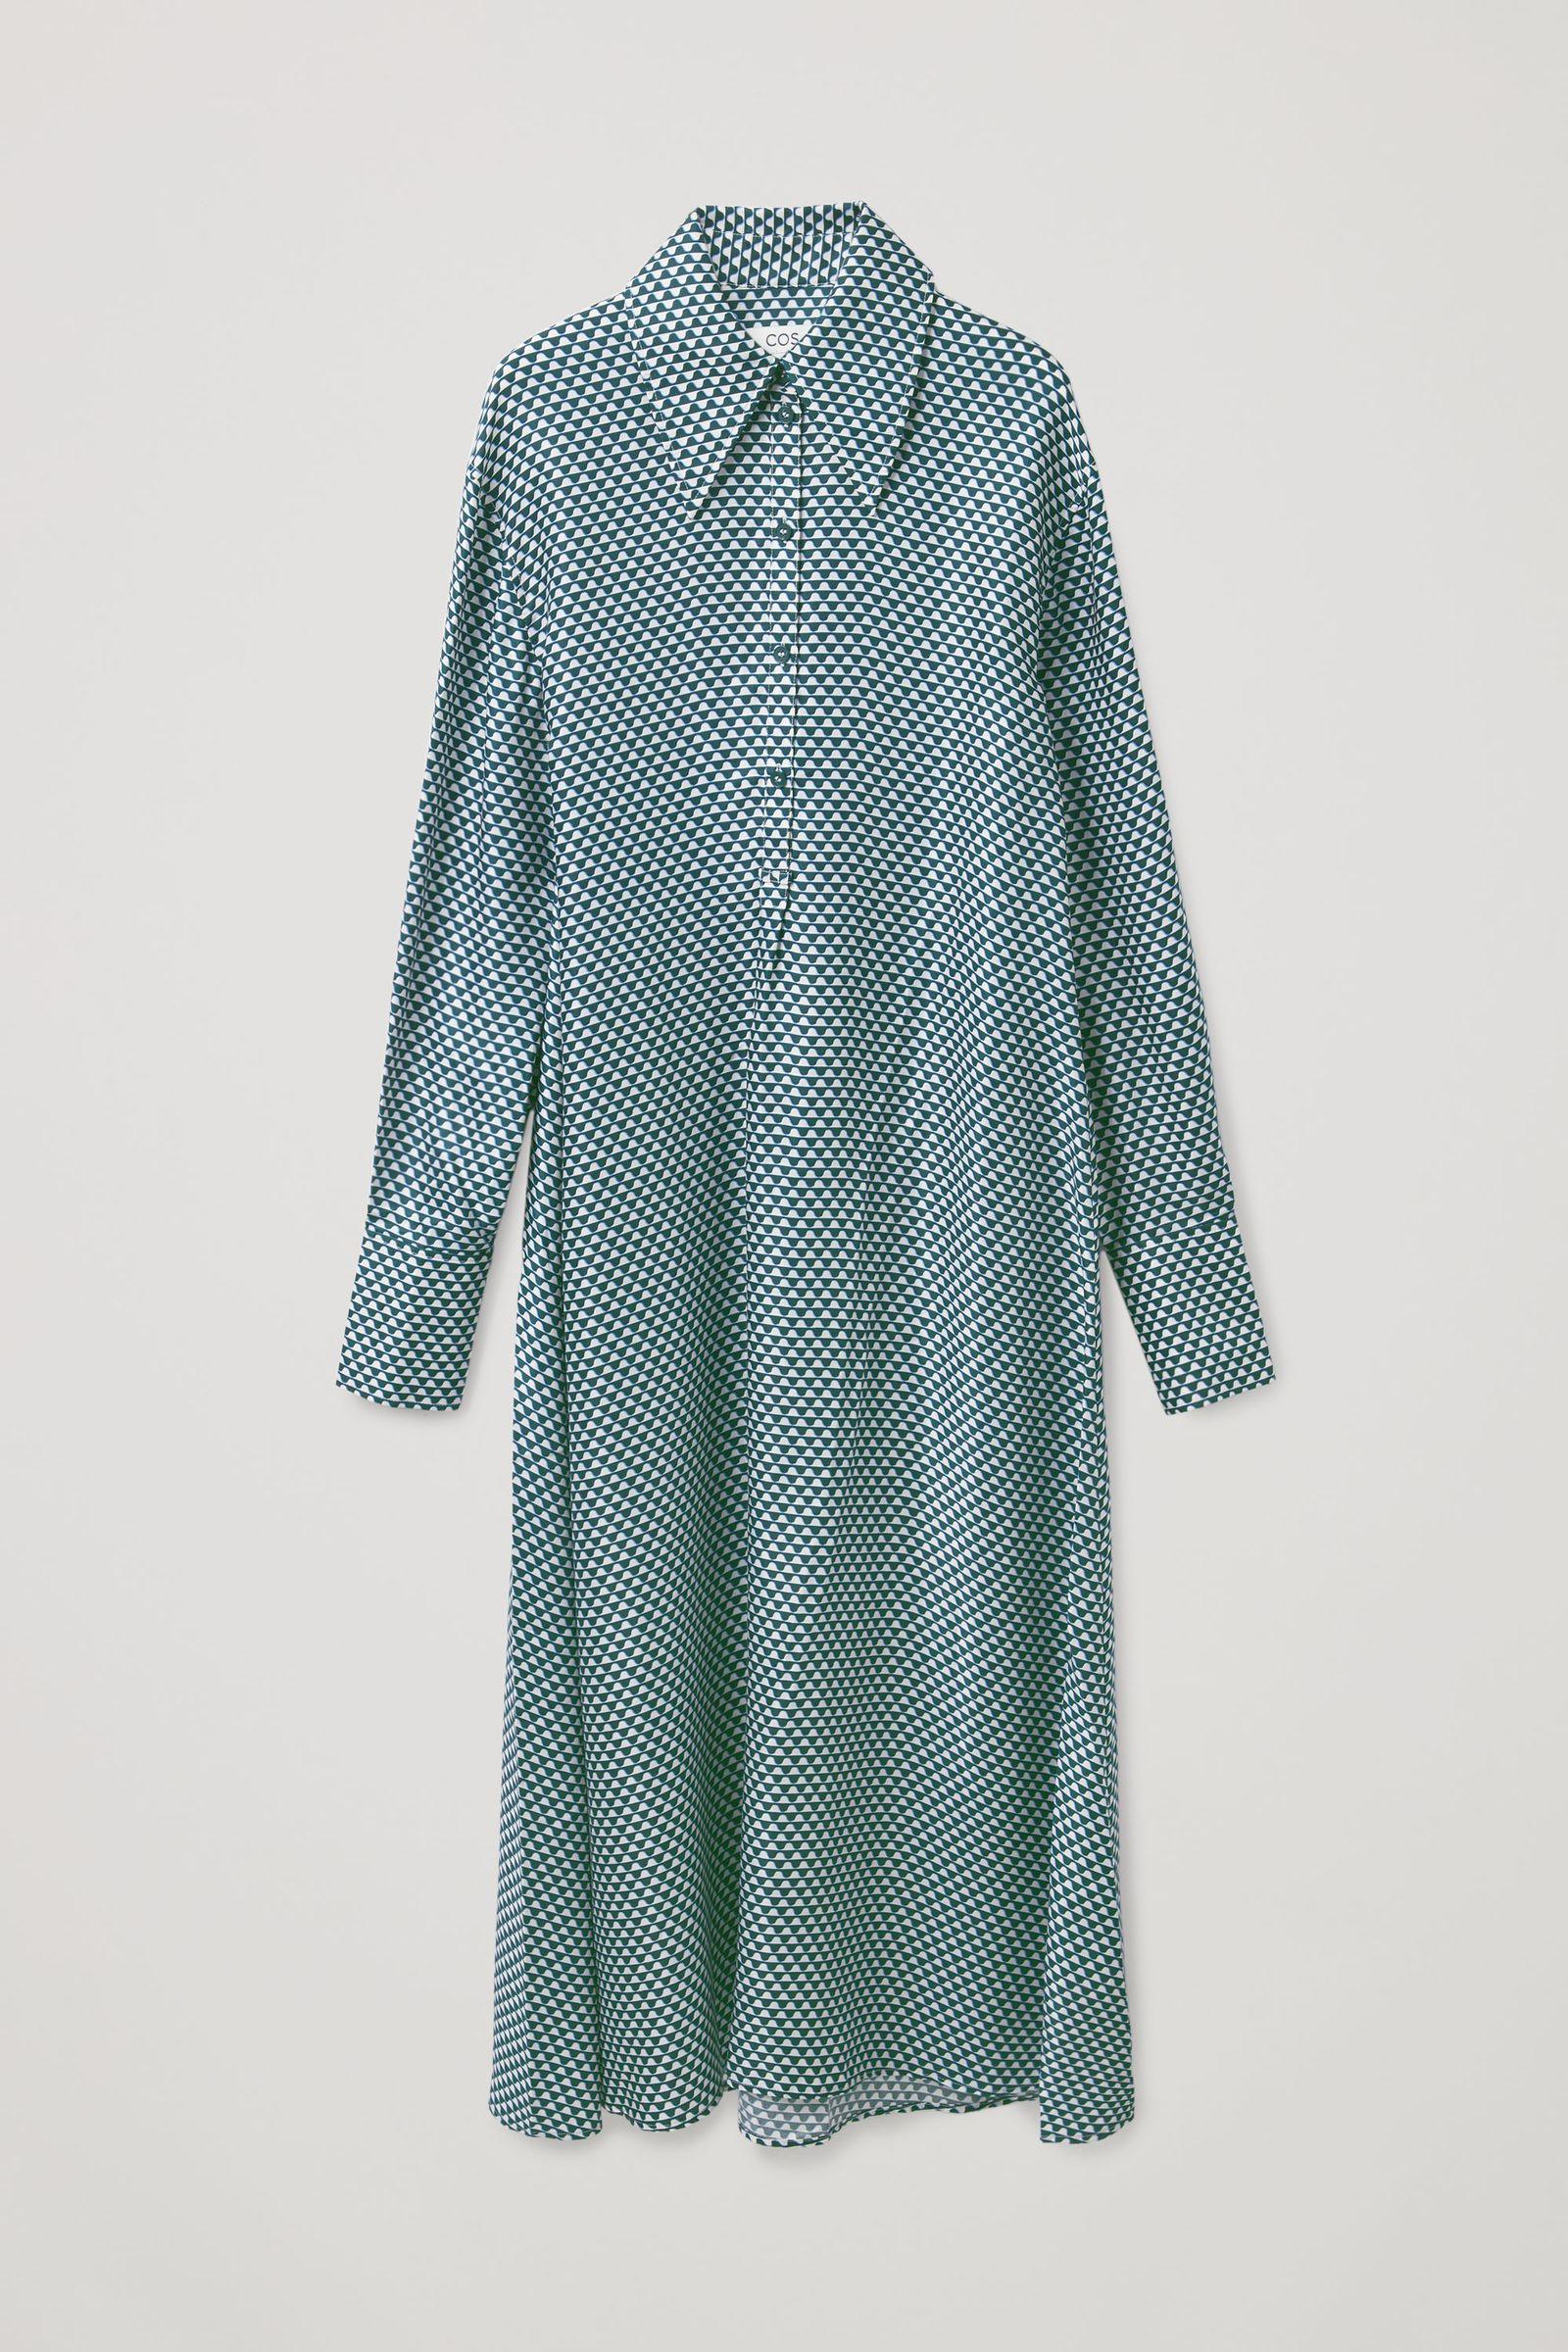 COS 실크 프린티드 미디 셔츠 드레스의 다크 그린 / 화이트컬러 Product입니다.